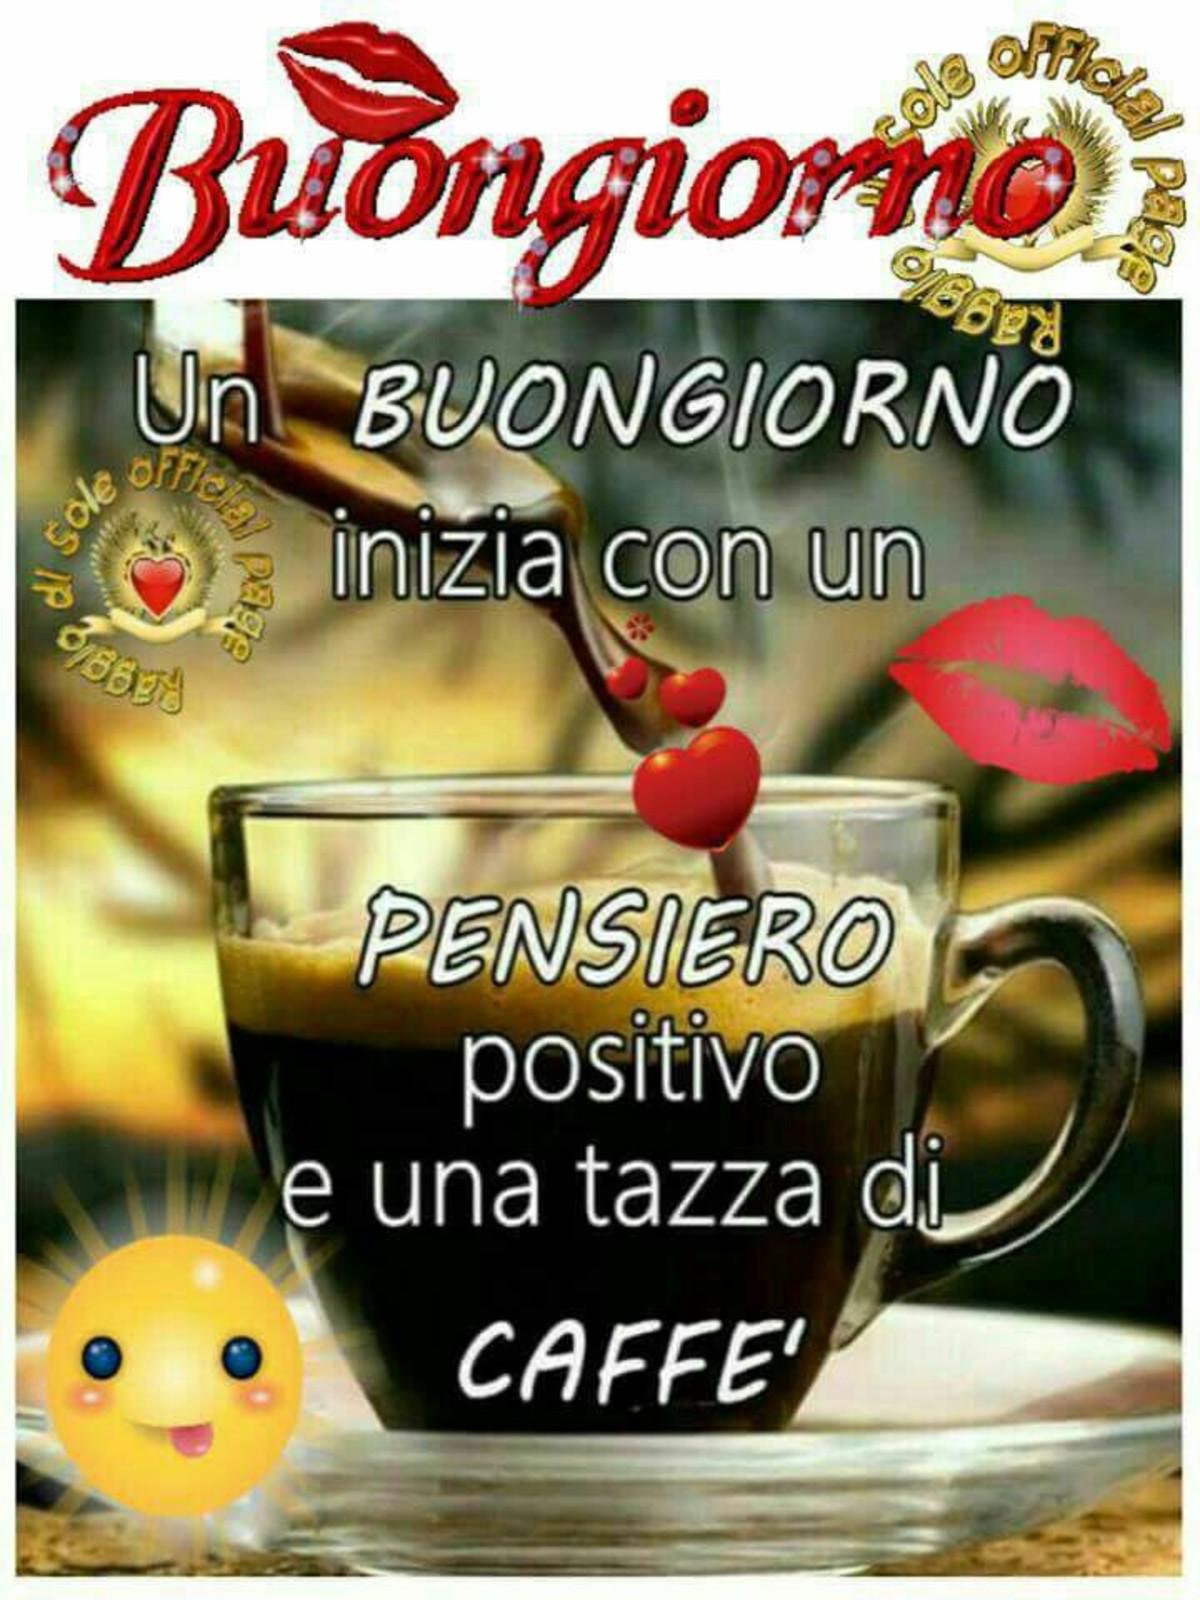 Buongiornissimo caffè immagini 9